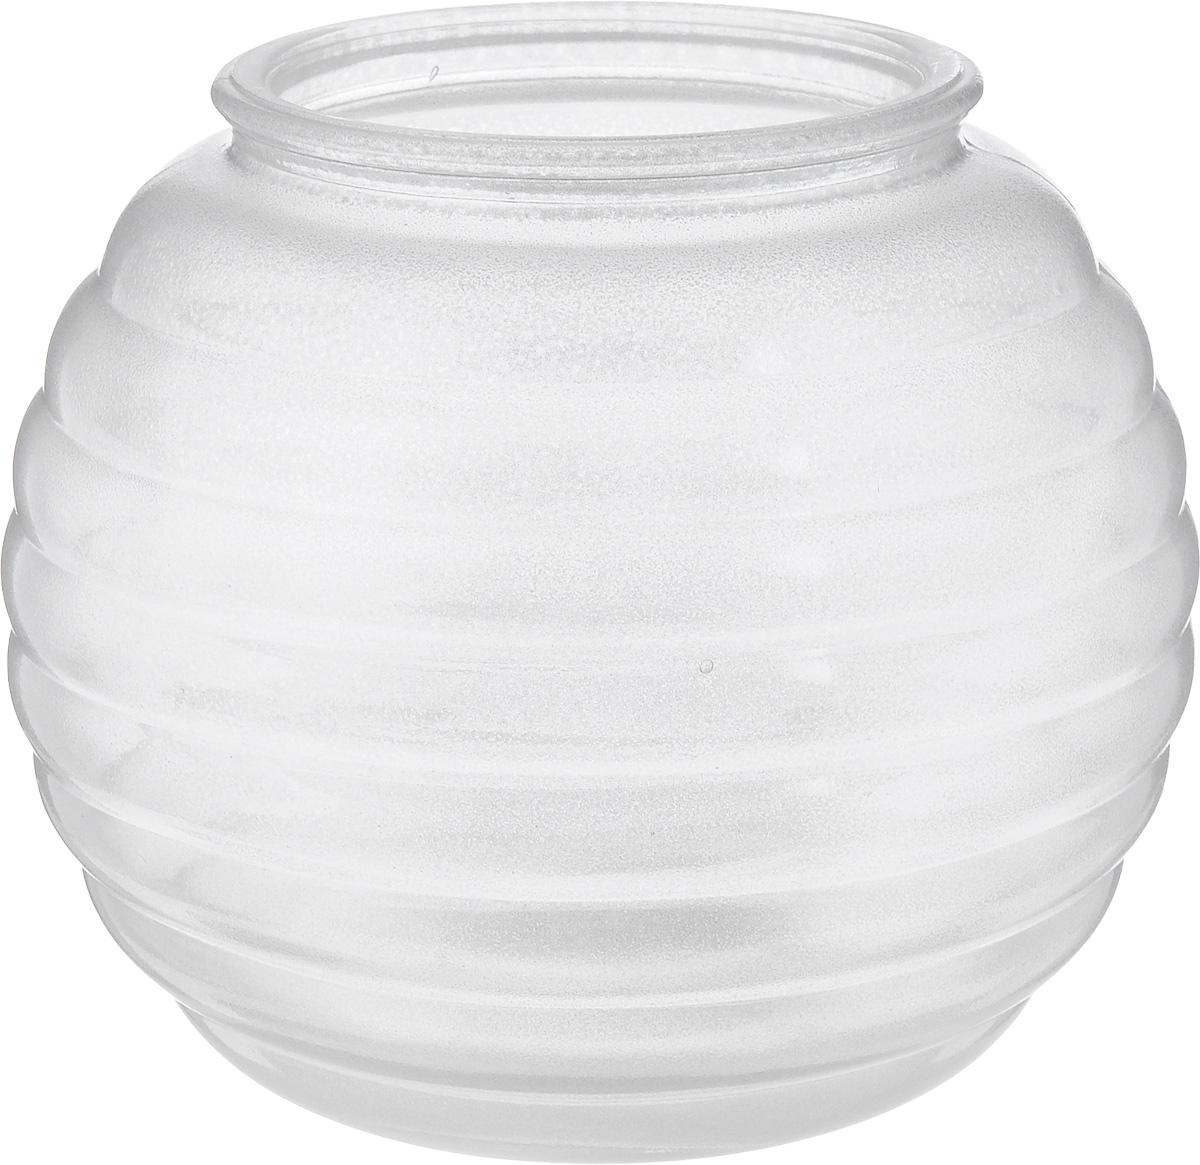 Ваза NiNaGlass Зара, цвет: серебряный, высота 13,3 см92-006_серебряныйВаза NiNaGlass Зара выполнена из высококачественного стекла и оформлена изящным рельефом. Такая ваза станет ярким украшением интерьера и прекрасным подарком к любому случаю. Высота вазы: 13,3 см. Диаметр вазы (по верхнему краю): 8 см.